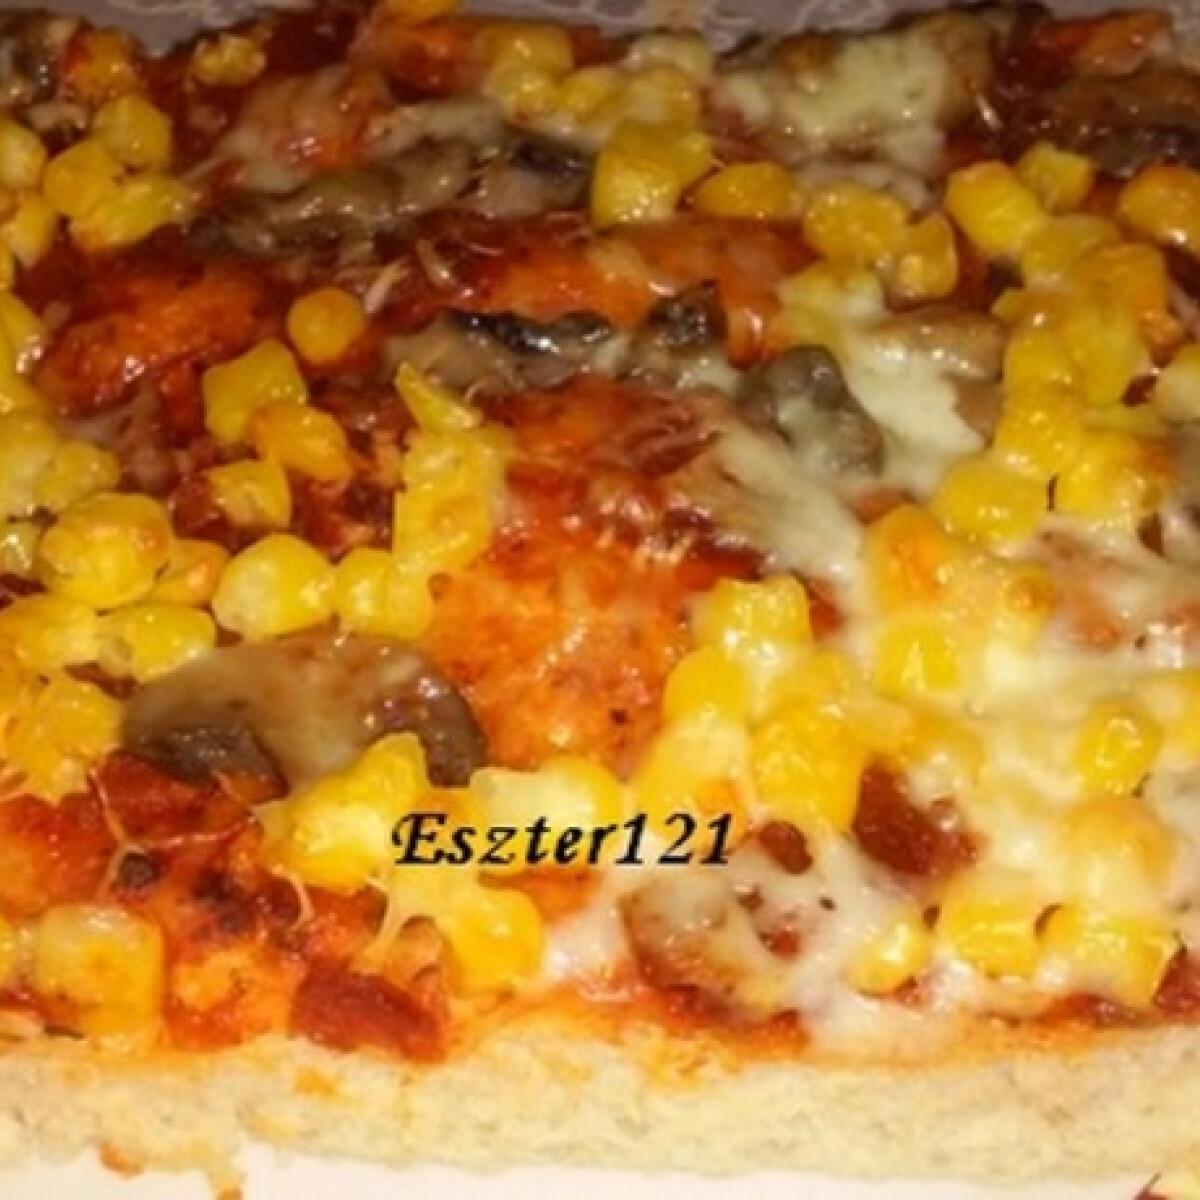 Ezen a képen: Pizzatészta szósszal Eszter konyhájából